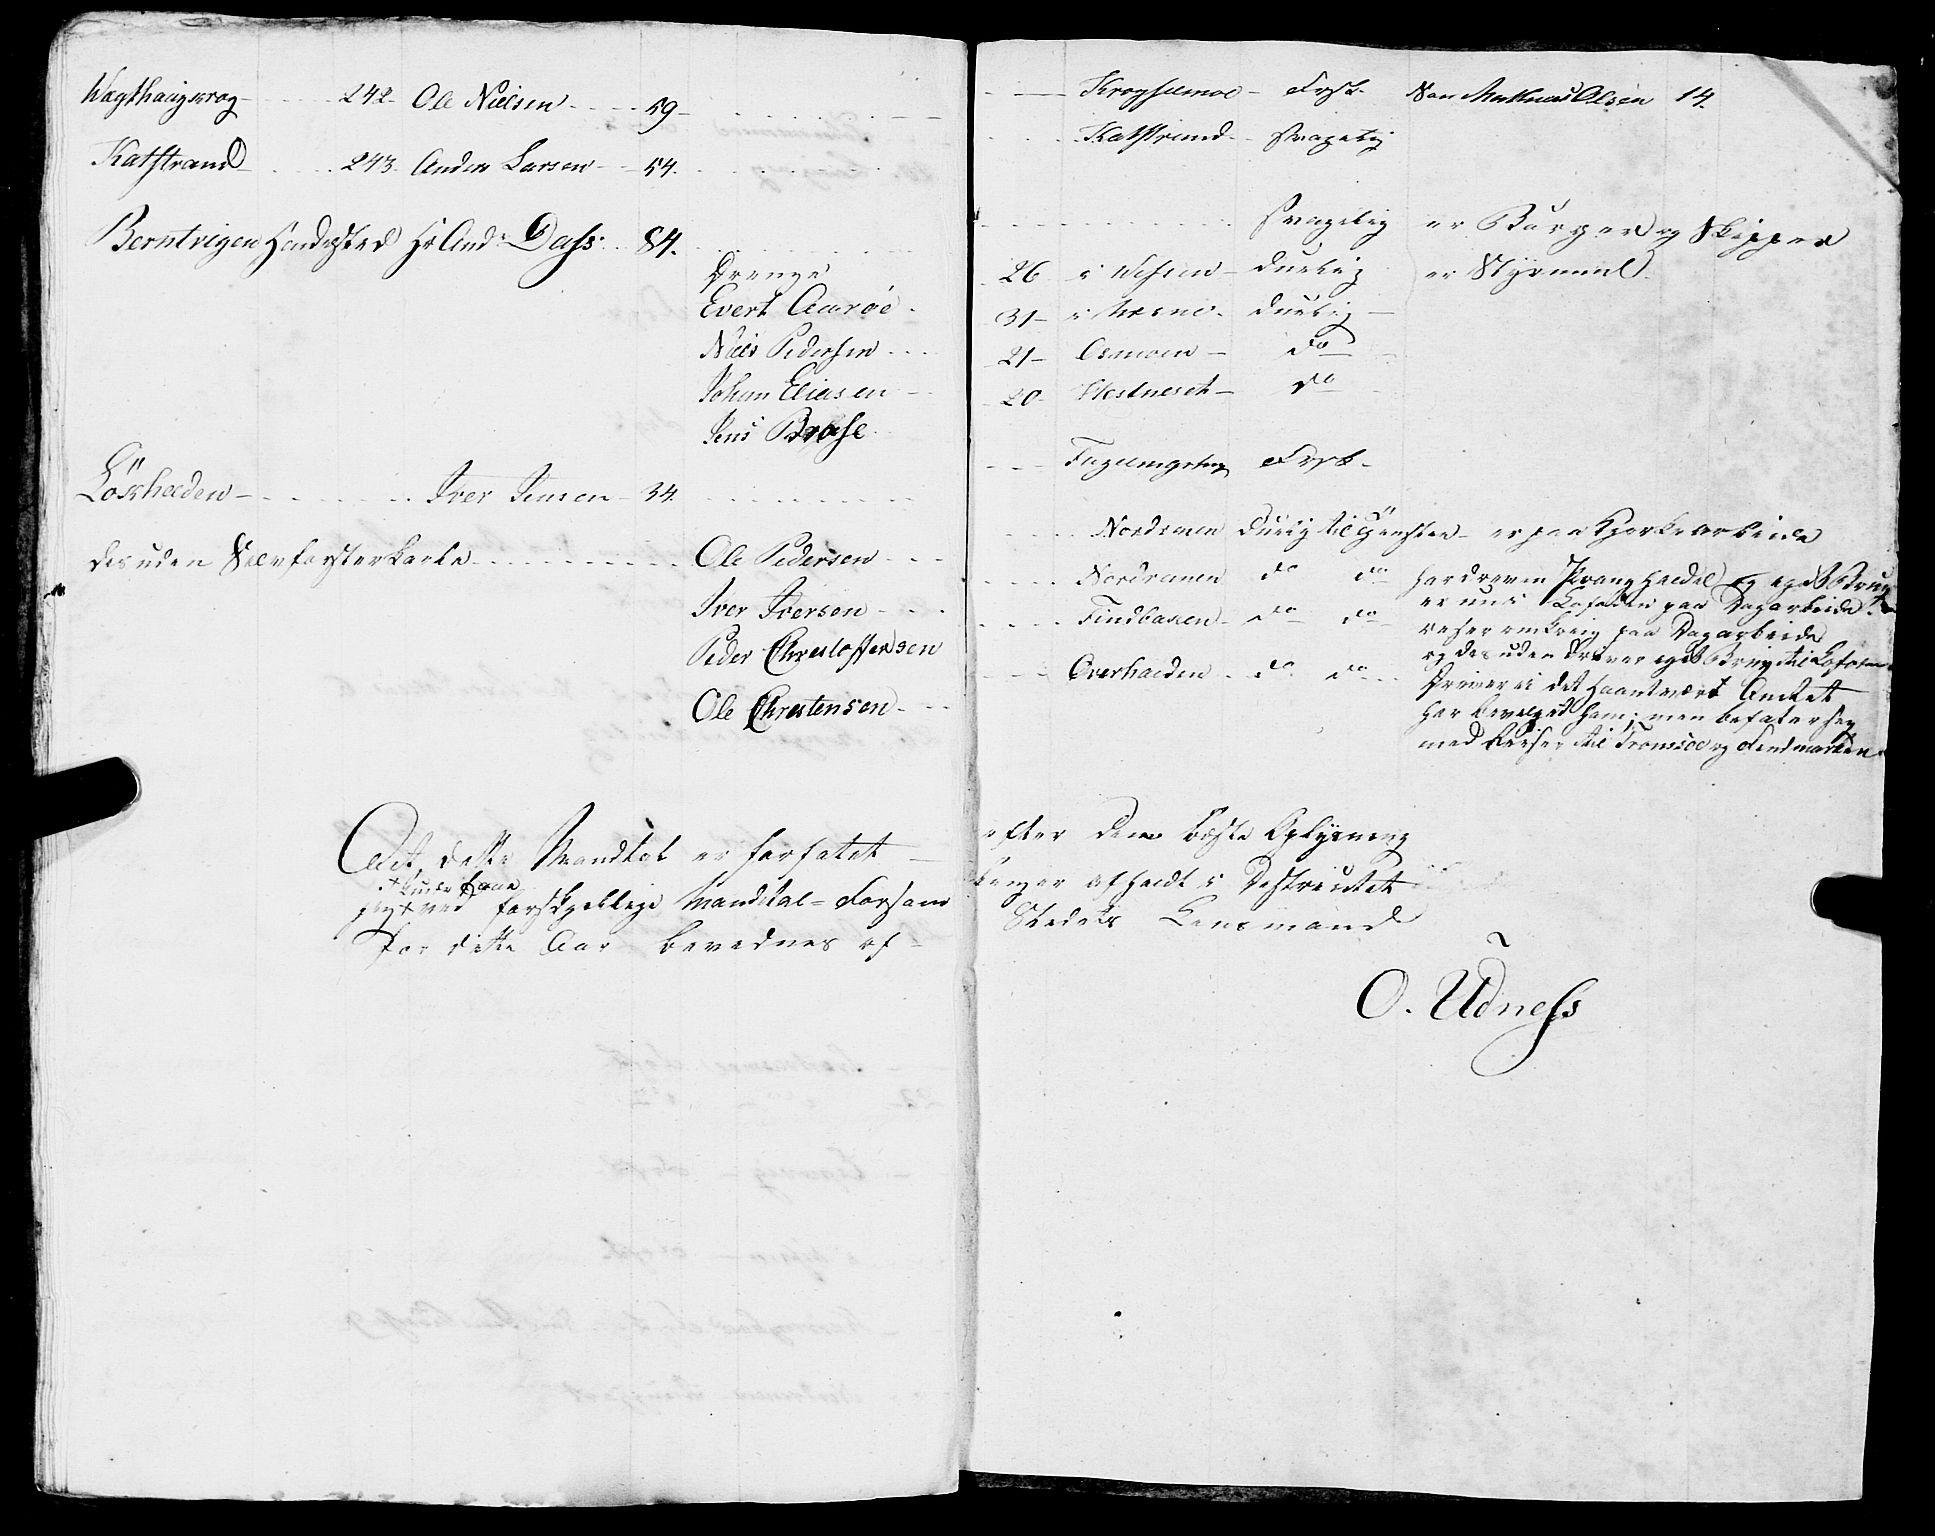 SAT, Fylkesmannen i Nordland, R/RA/L0013: Innrulleringsmanntall for Hemnes (Sør-Rana), 1809-1835, p. 150